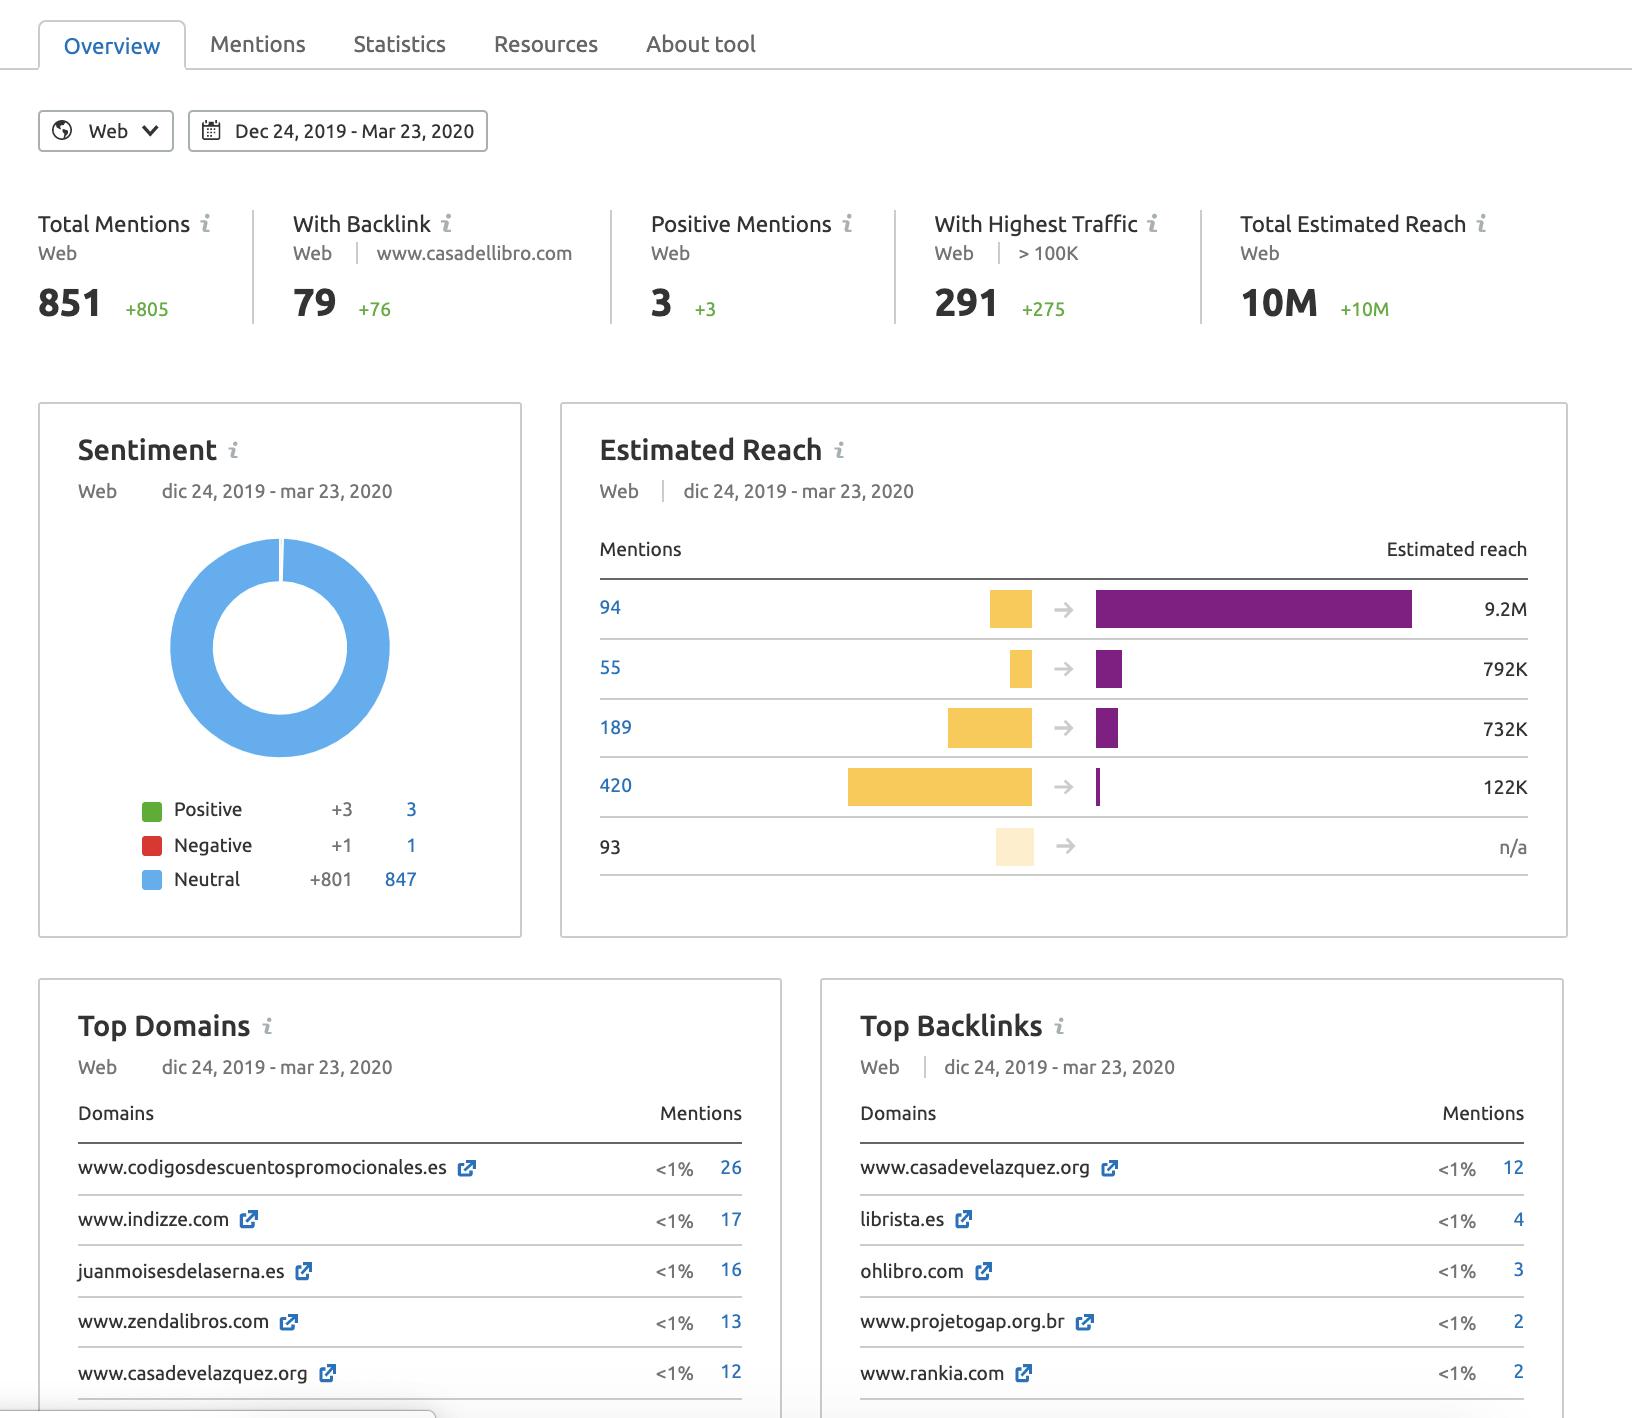 Flujo de trabajo comercio electrónico - Brand monitoring